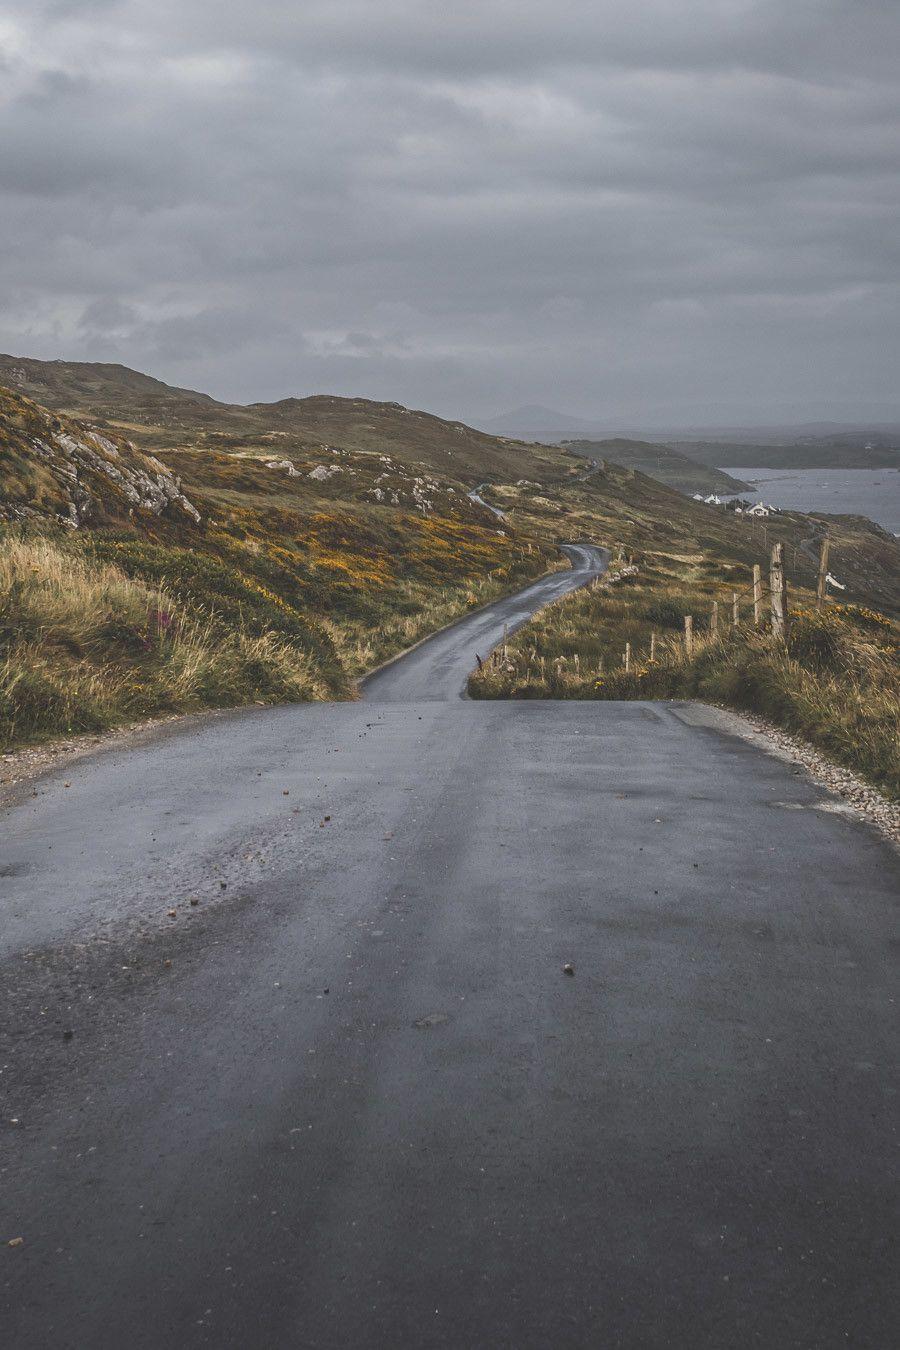 routes irlandaises conduite à gauche